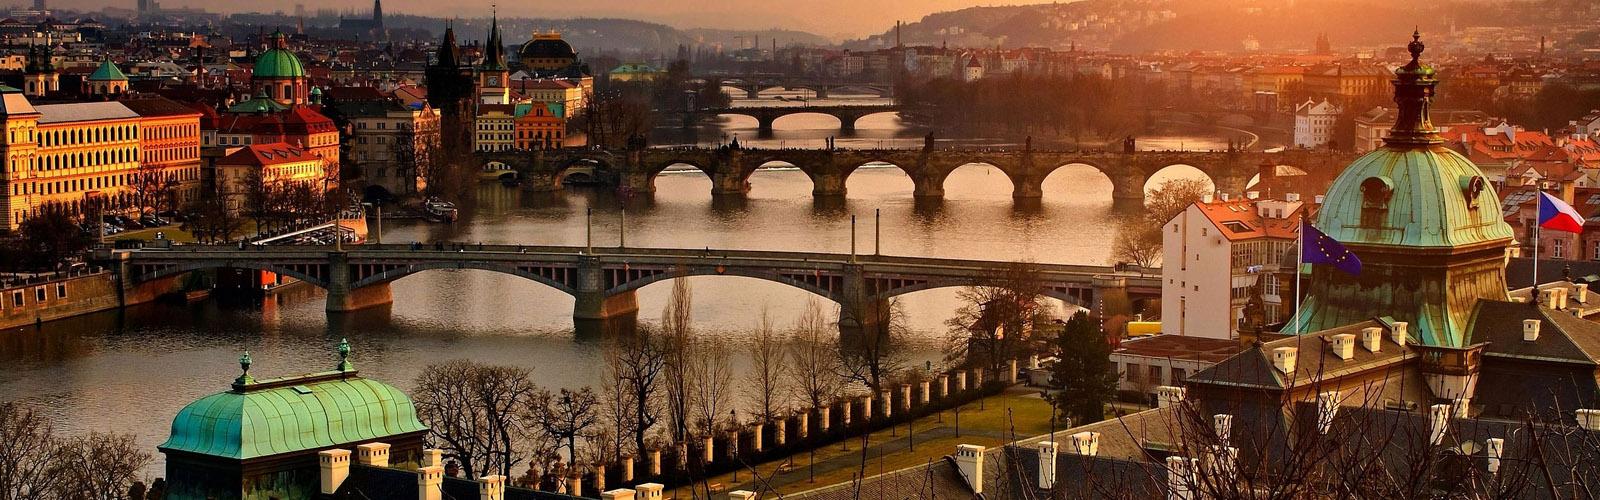 Arany Prága Húsvétkor és Pünkösdkor